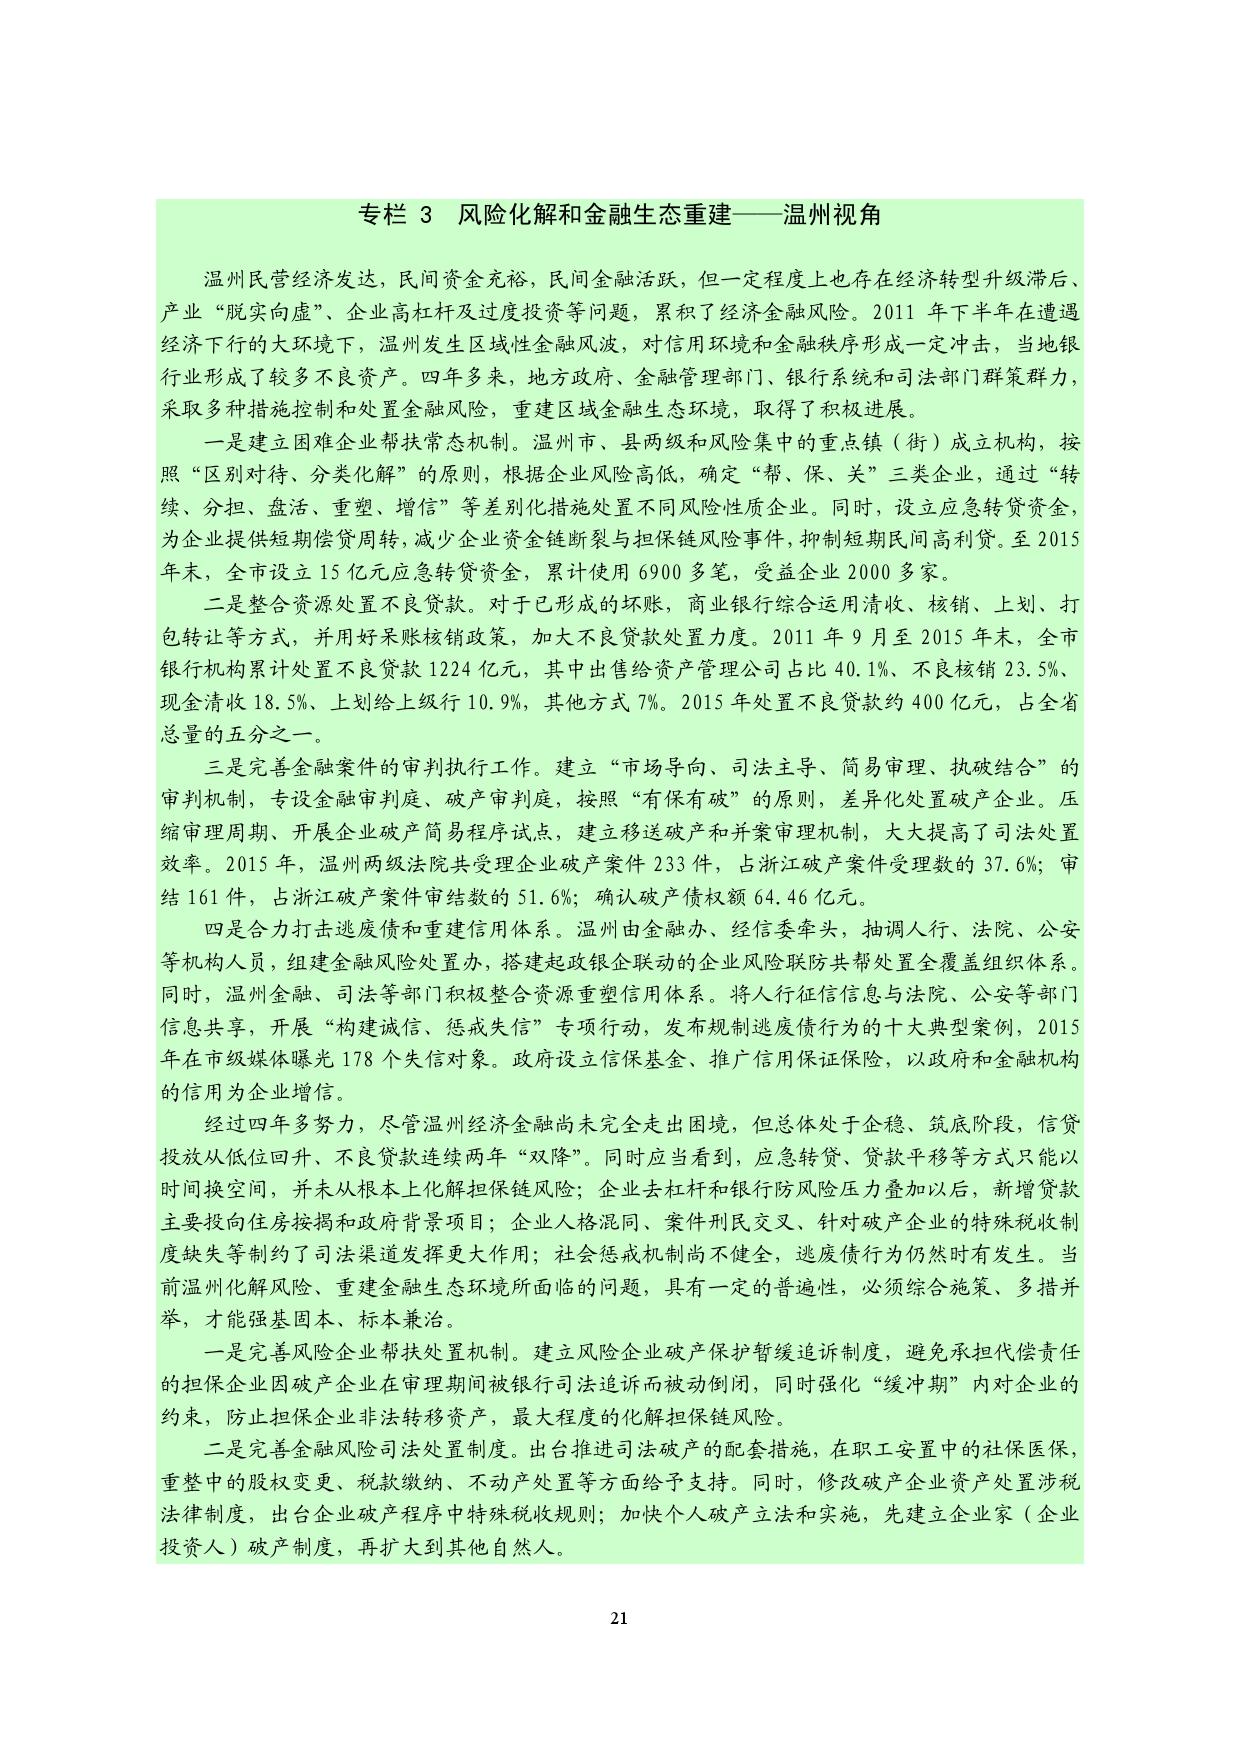 2015年中国区域金融运行报告_000024